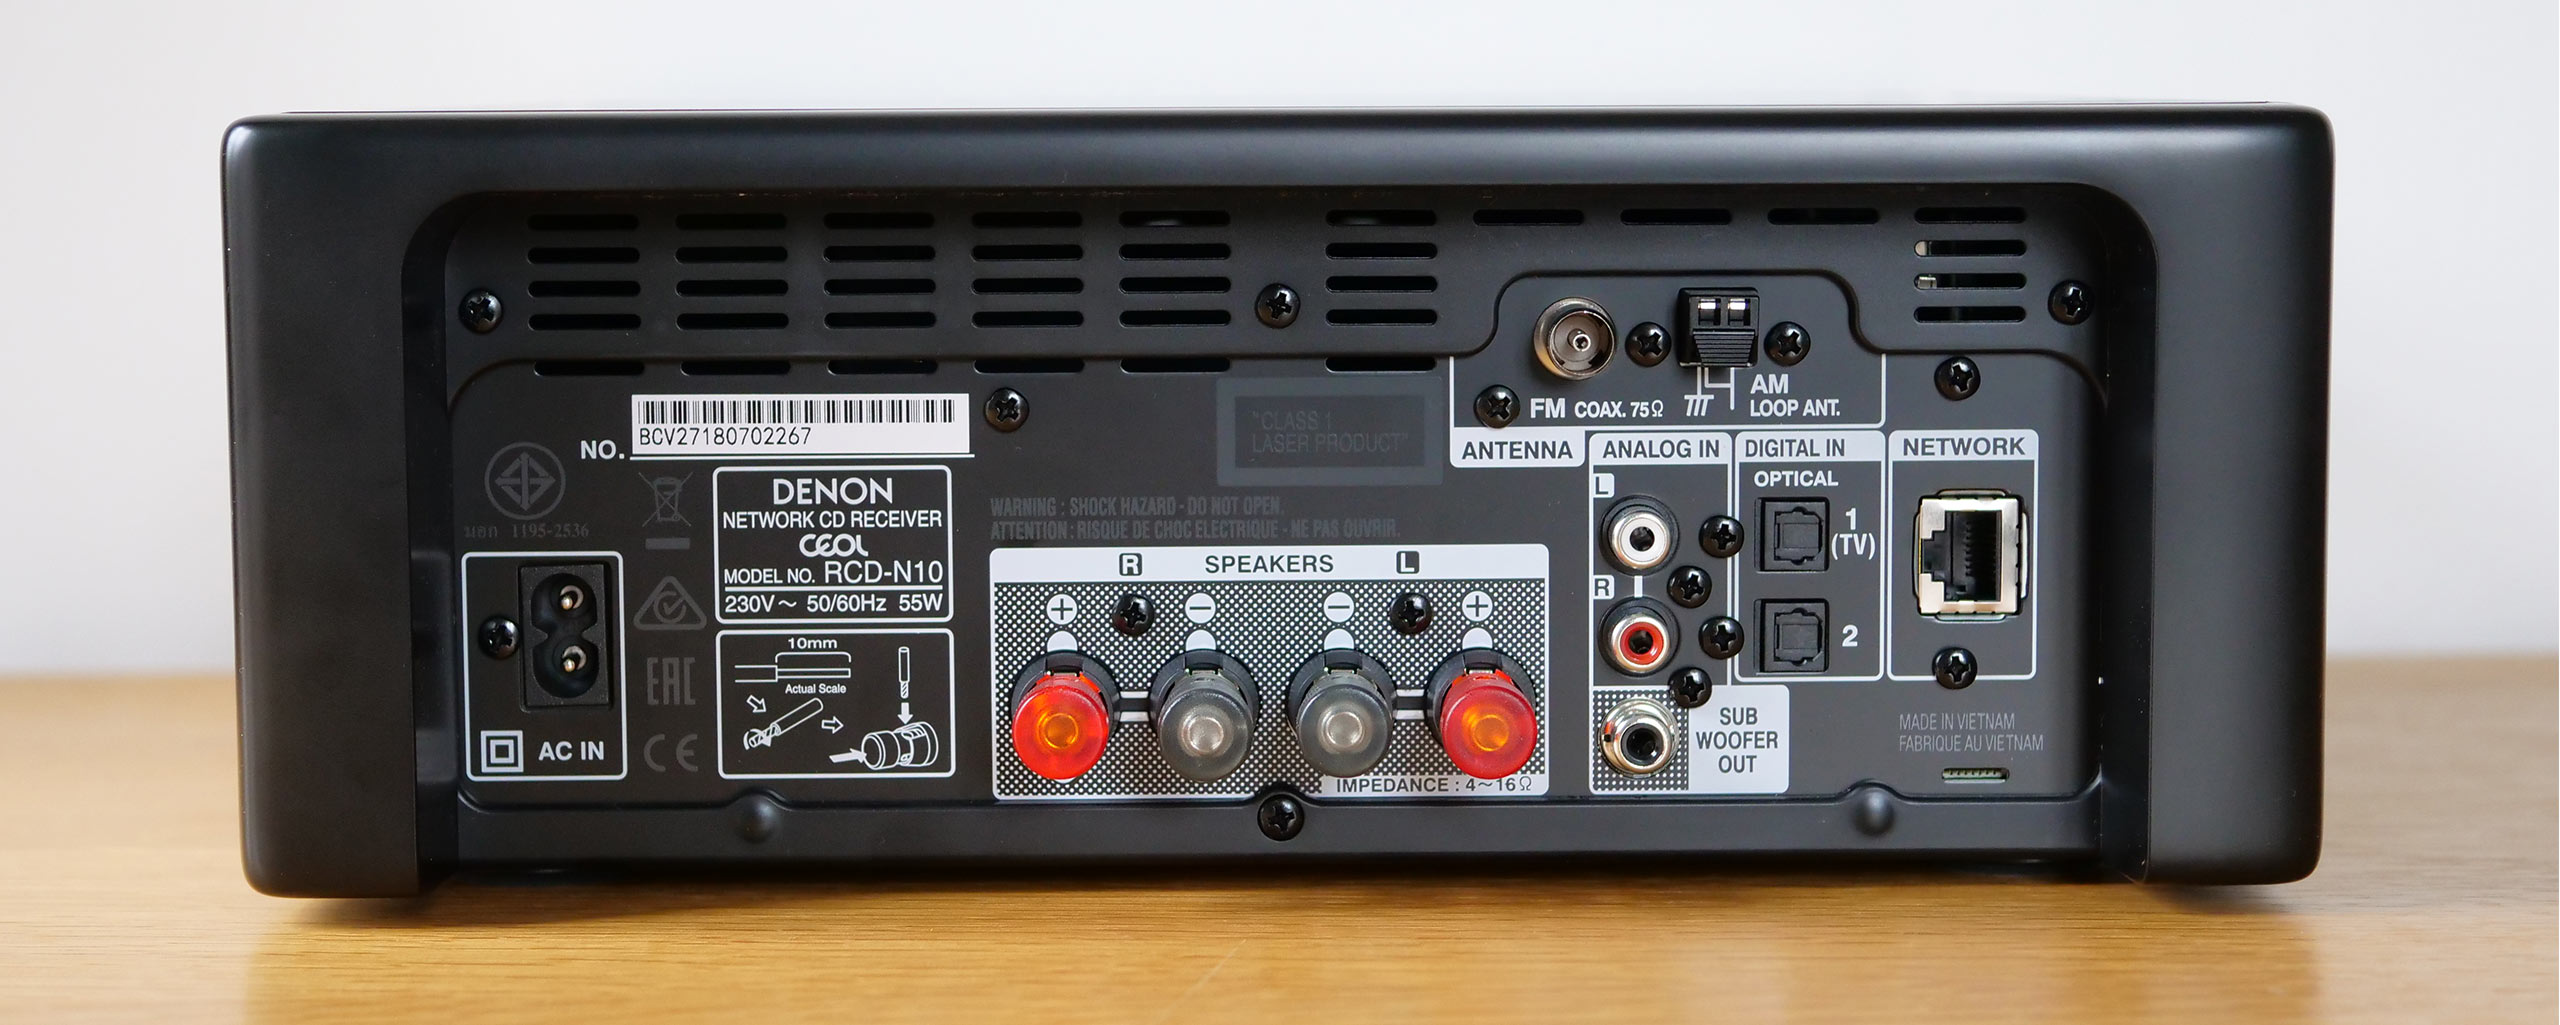 Entrées numériques et analogique, antenne FM et prise réseau suffisent à accéder à une infinité de contenus audio. Il y a même une sortie pour un caisson de basses additionnel.